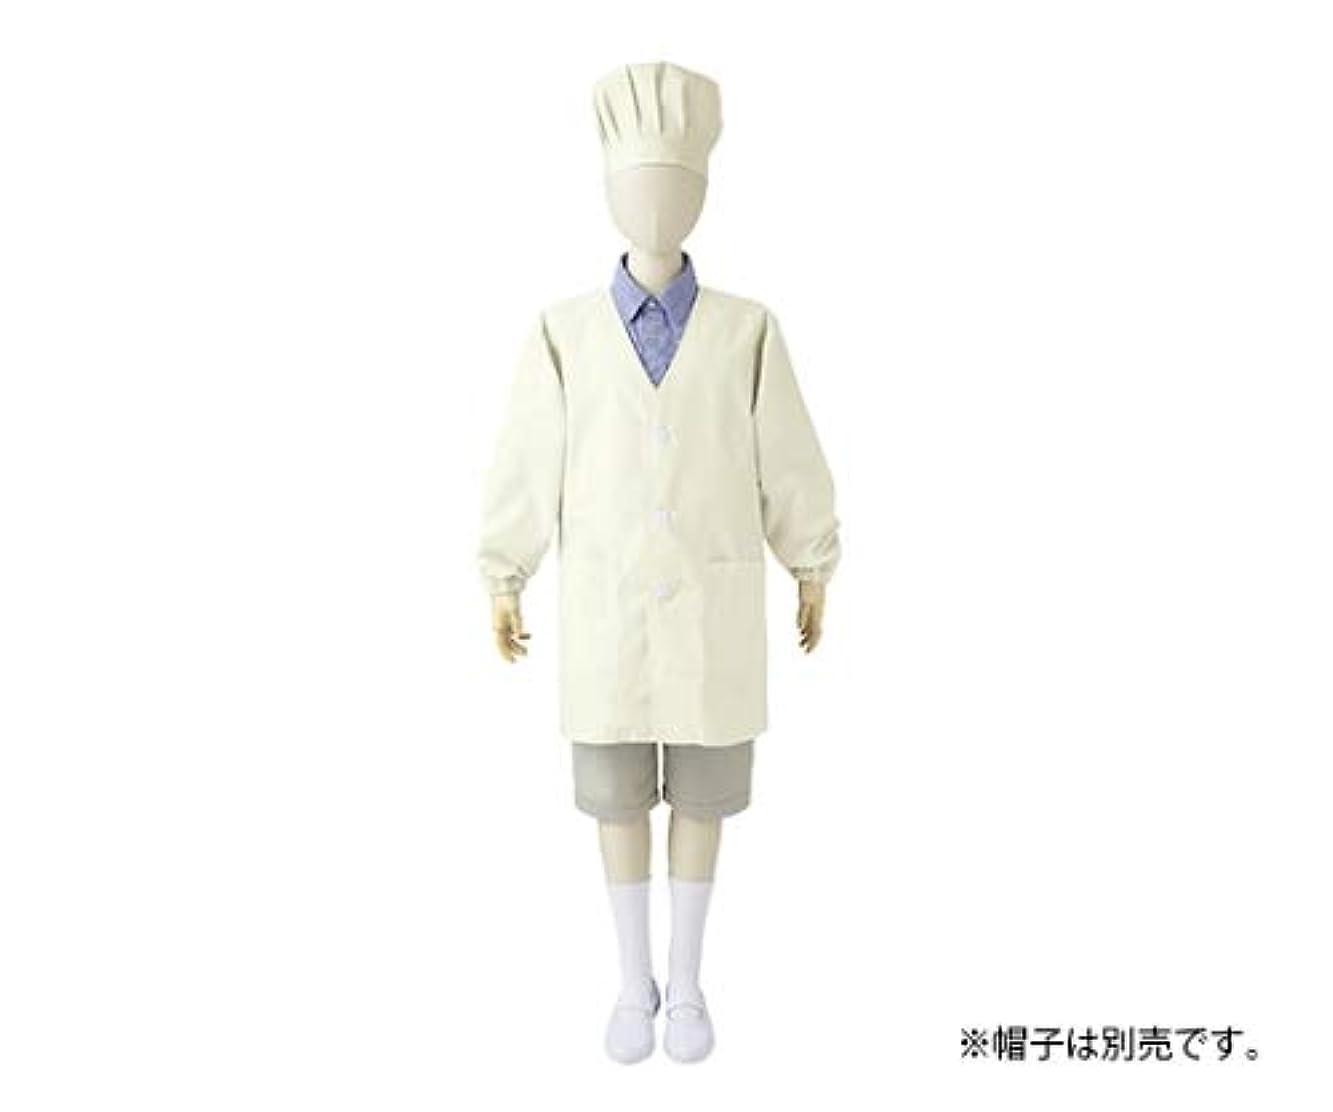 科学的パシフィックたまにシングル型給食衣 児童用 長袖 イエロー/61-6153-55